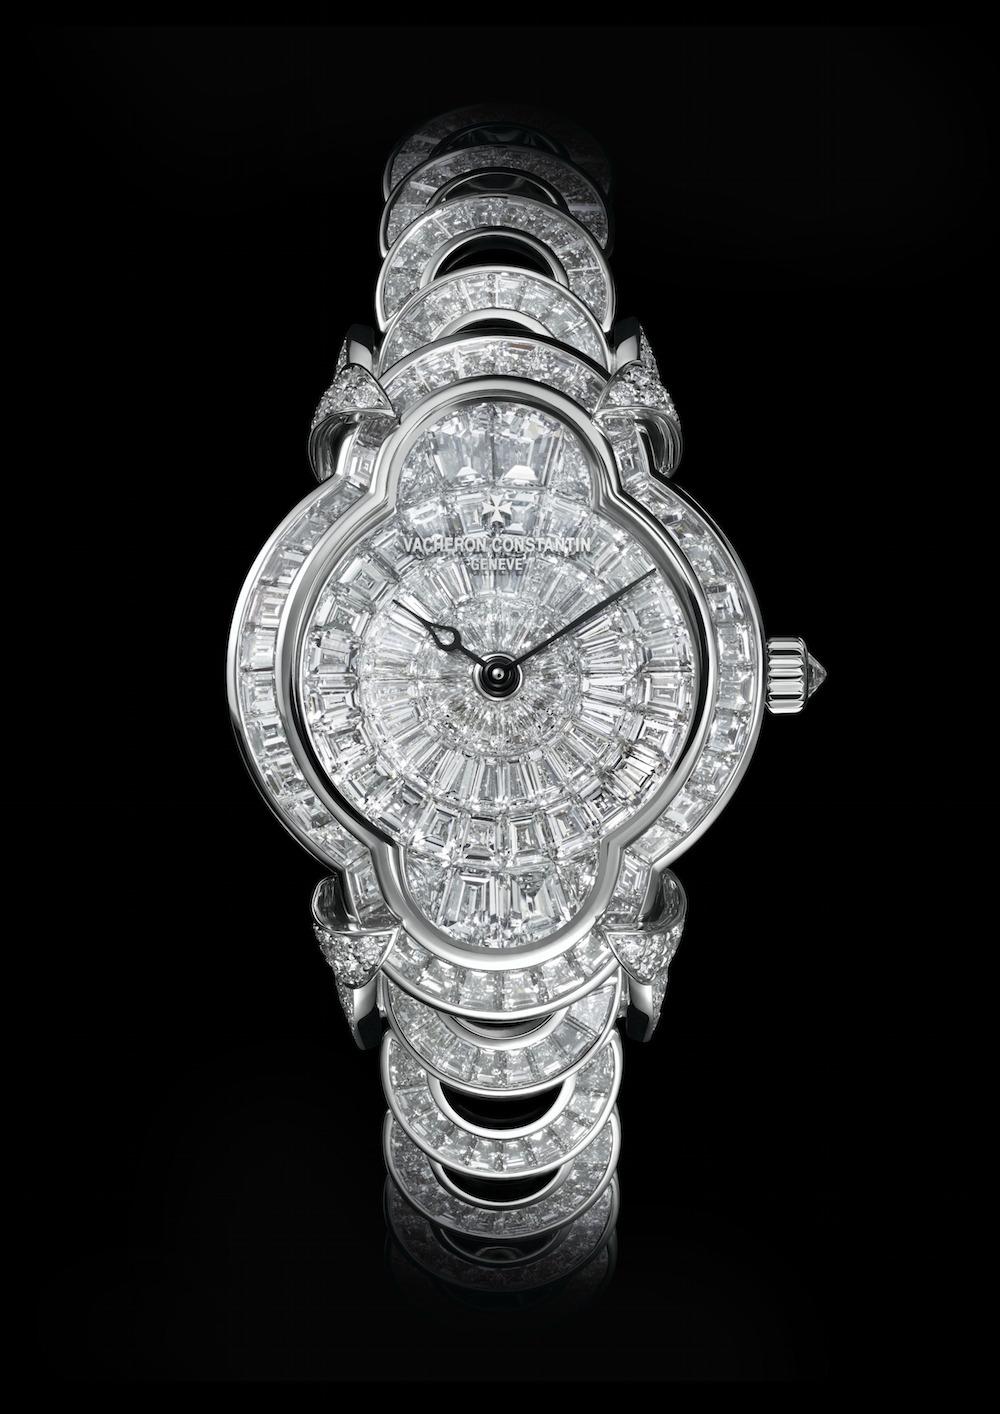 「ウール・クレアティブ・ウール・ロマンティック バゲットカットダイヤモンド」¥ 85,350,000 | © Vacheron Constantin